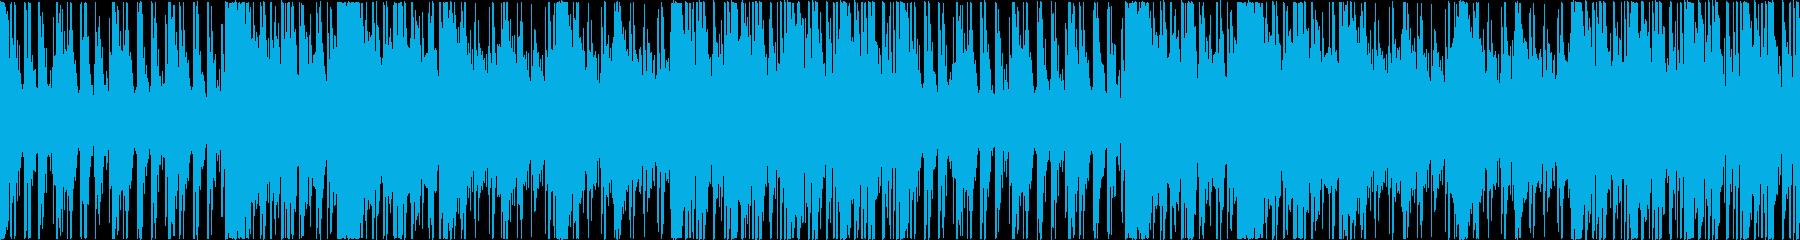 打楽器のみの壮大なリズムBGM【ループ】の再生済みの波形